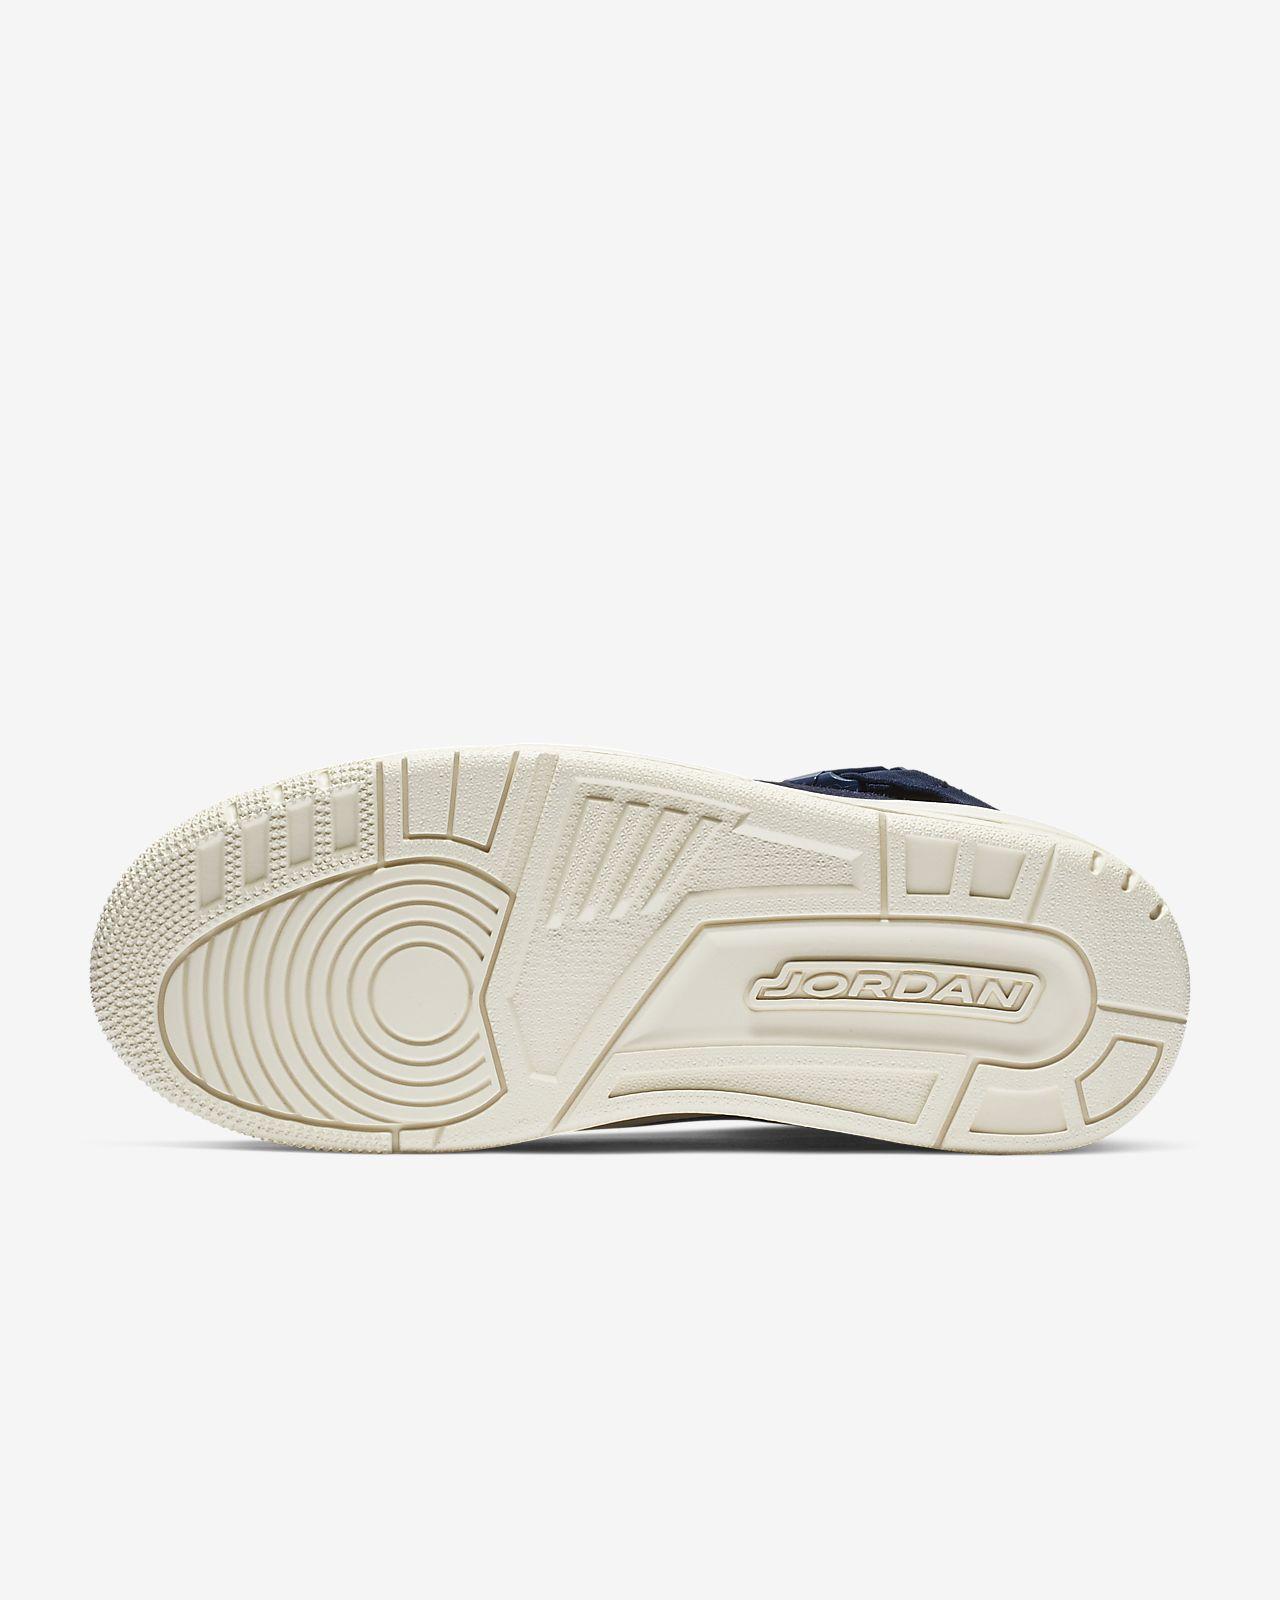 4aa58a304744 Air Jordan 3 Retro Explorer XX Women s Shoe. Nike.com GB